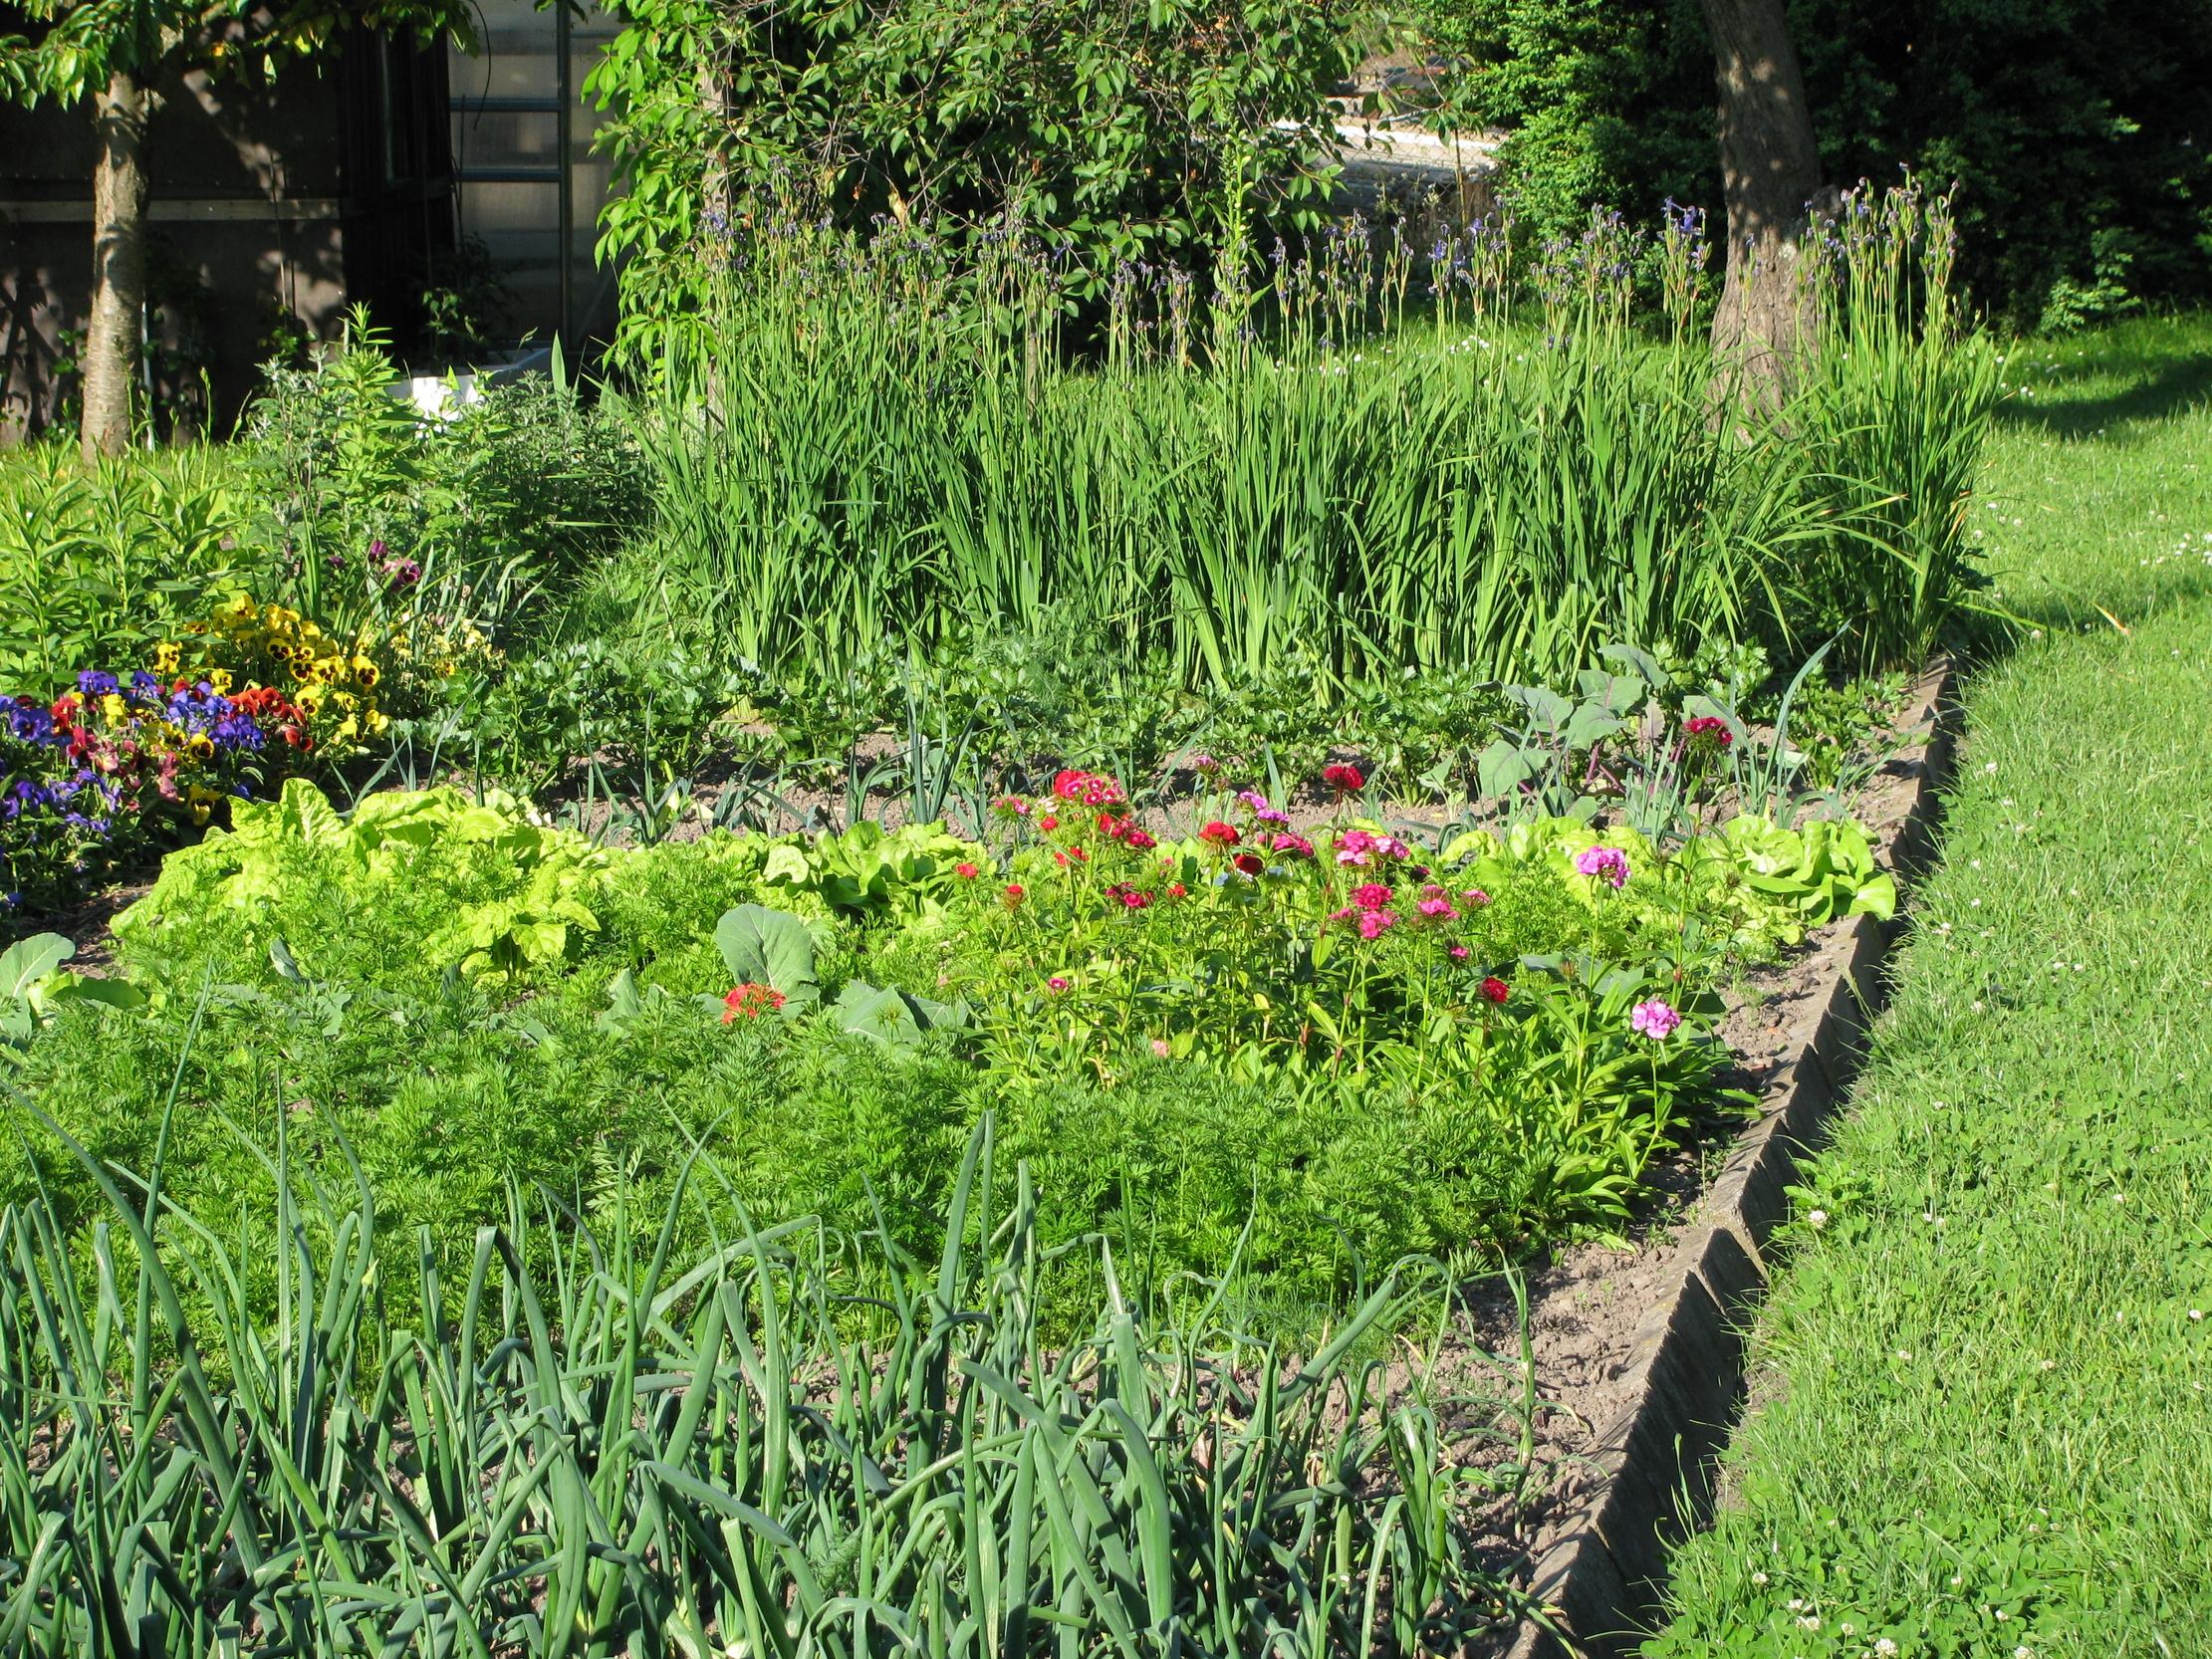 auch im heimischen garten pflanzen brauchen schutz industrieverband agrar. Black Bedroom Furniture Sets. Home Design Ideas